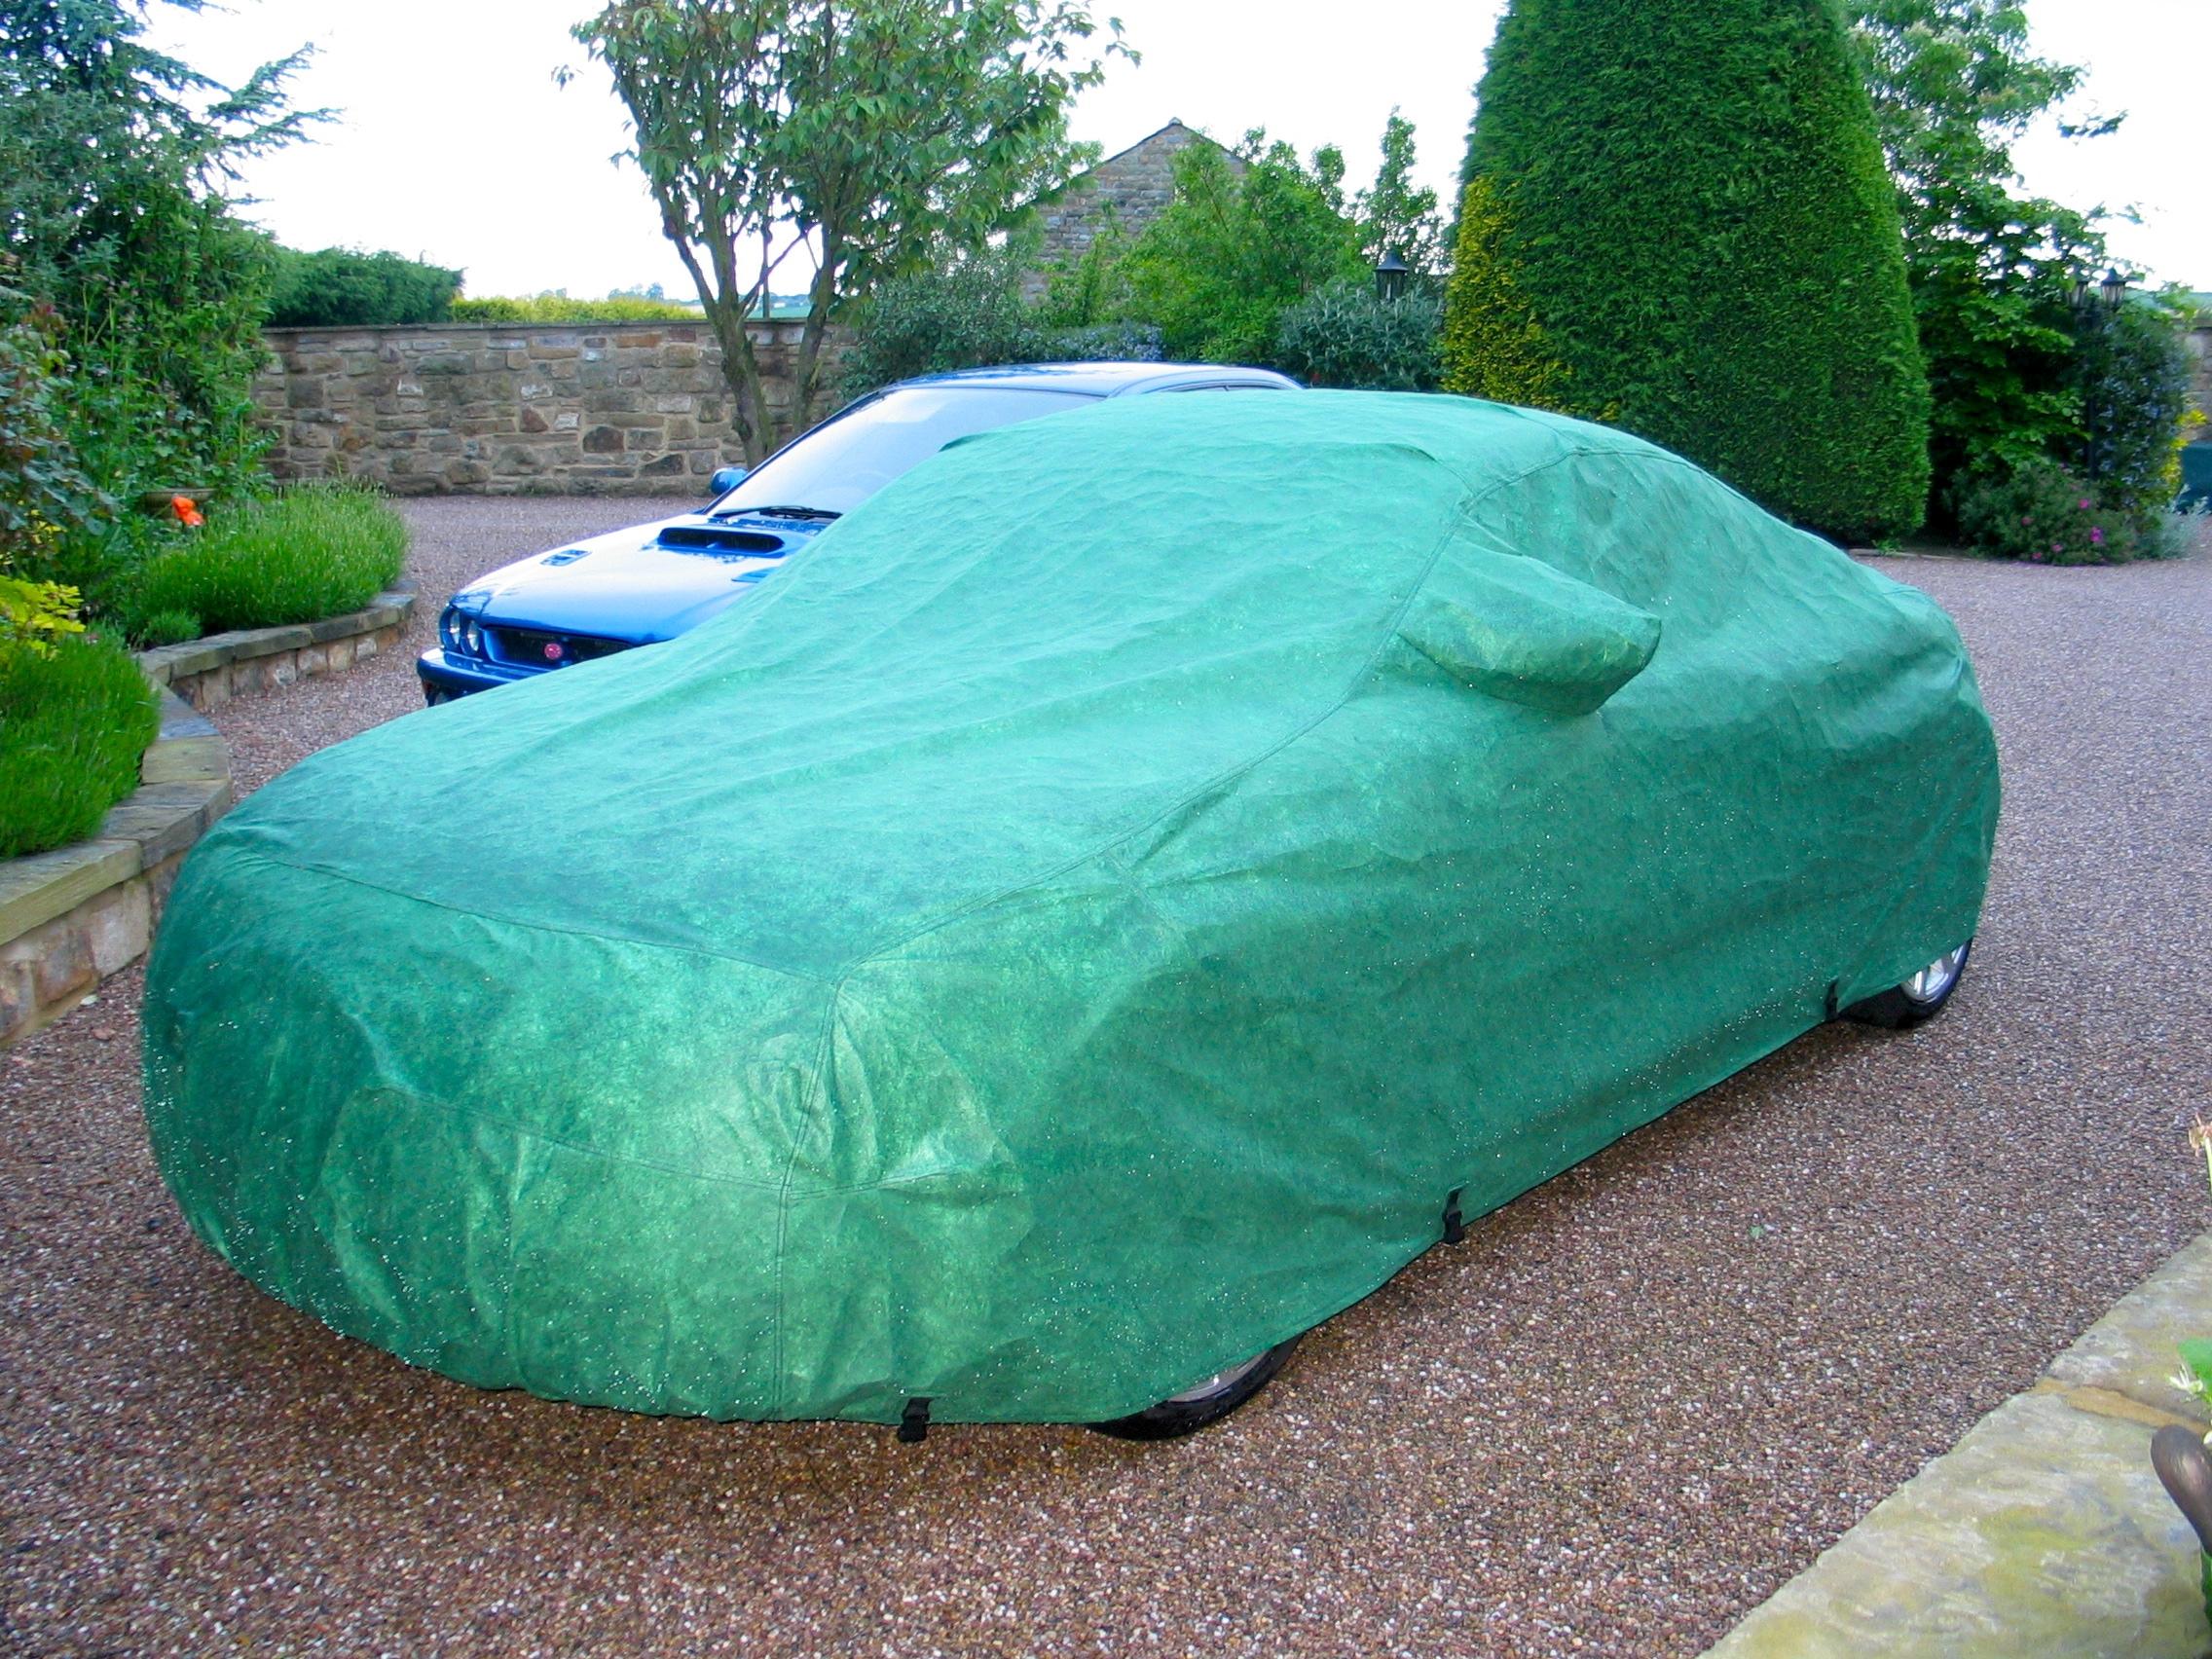 Green Audi TT